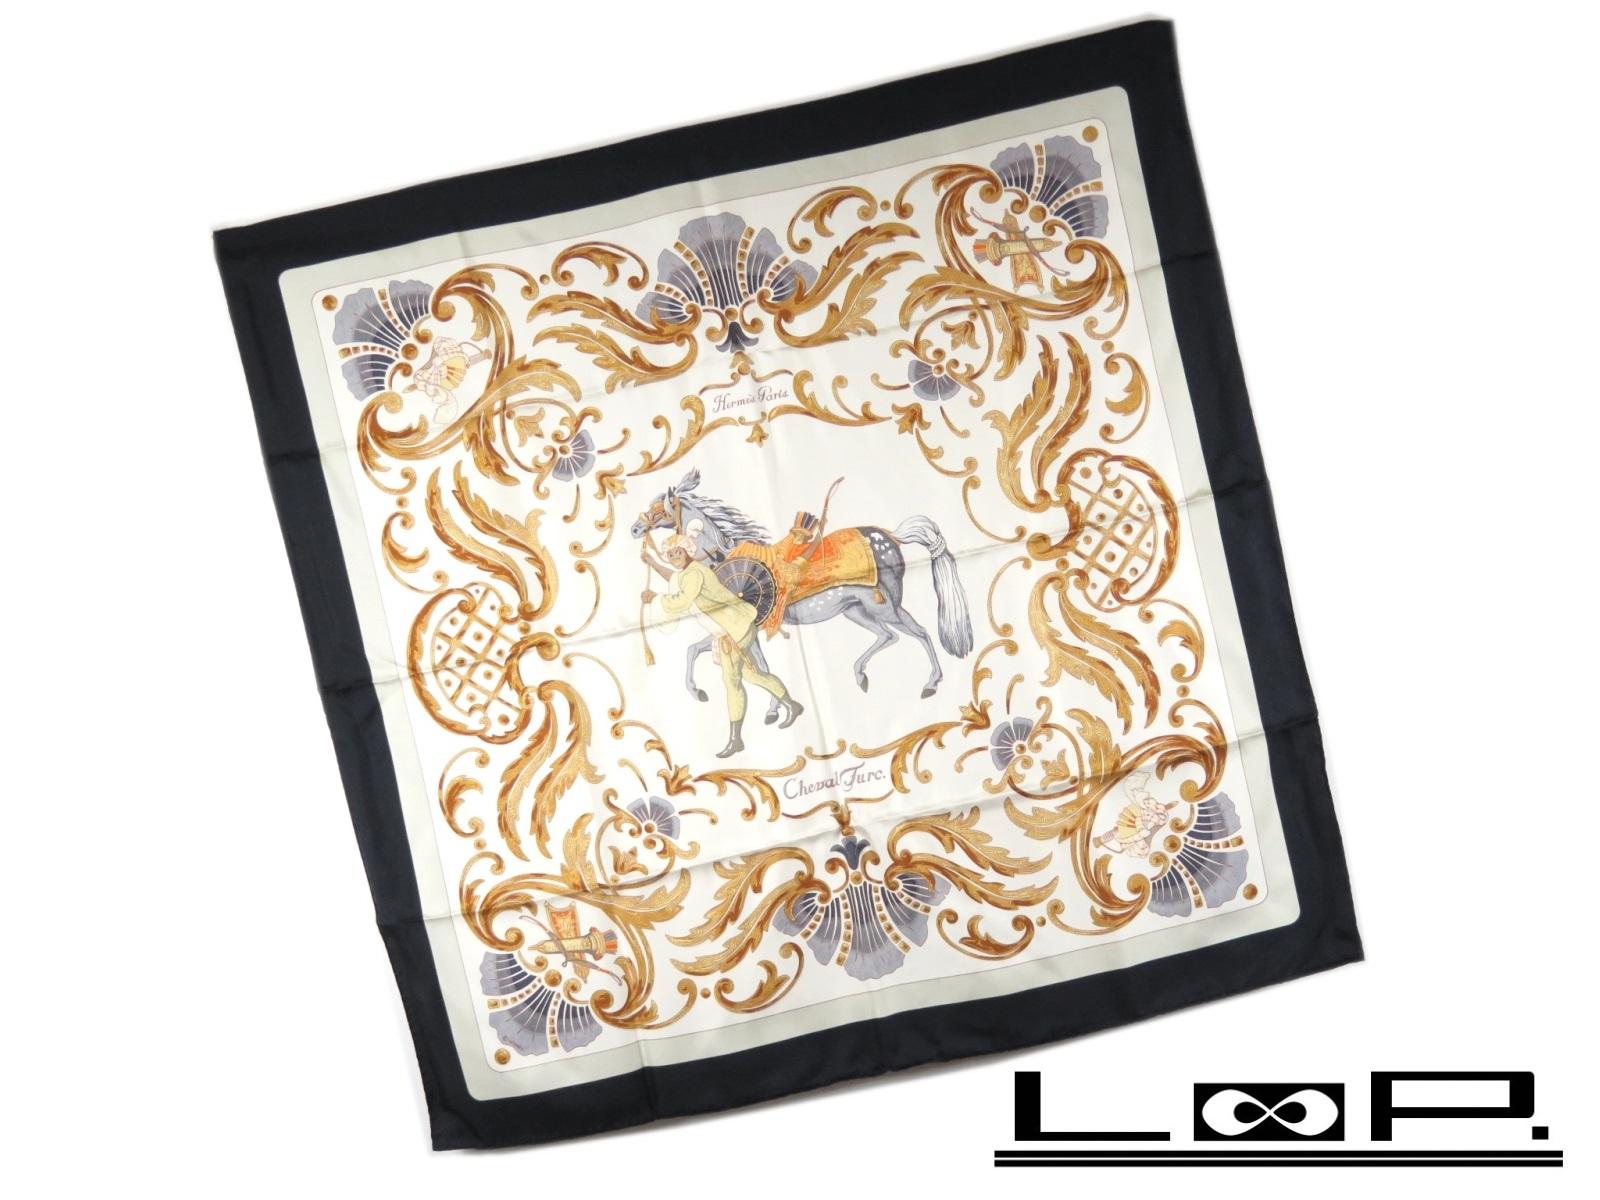 【美品】 HERMES エルメス カレ 90 Cheval Turc トルコの馬 スカーフ シルク オフホワイト 白 ブラック 黒 【A28717】 【中古】